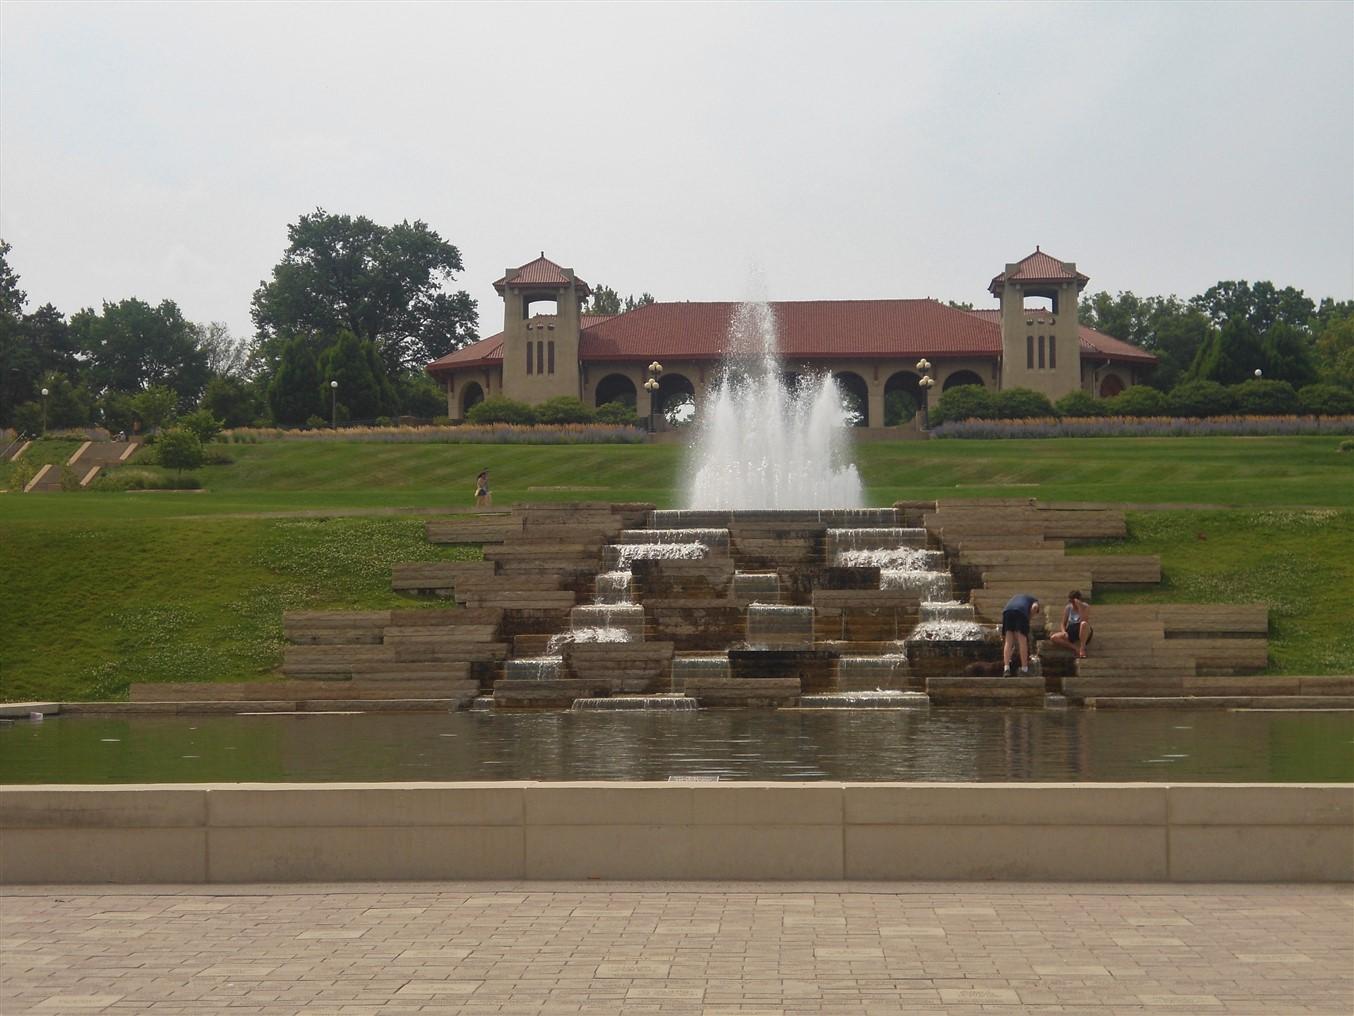 2012 07 01 100 St Louis.jpg